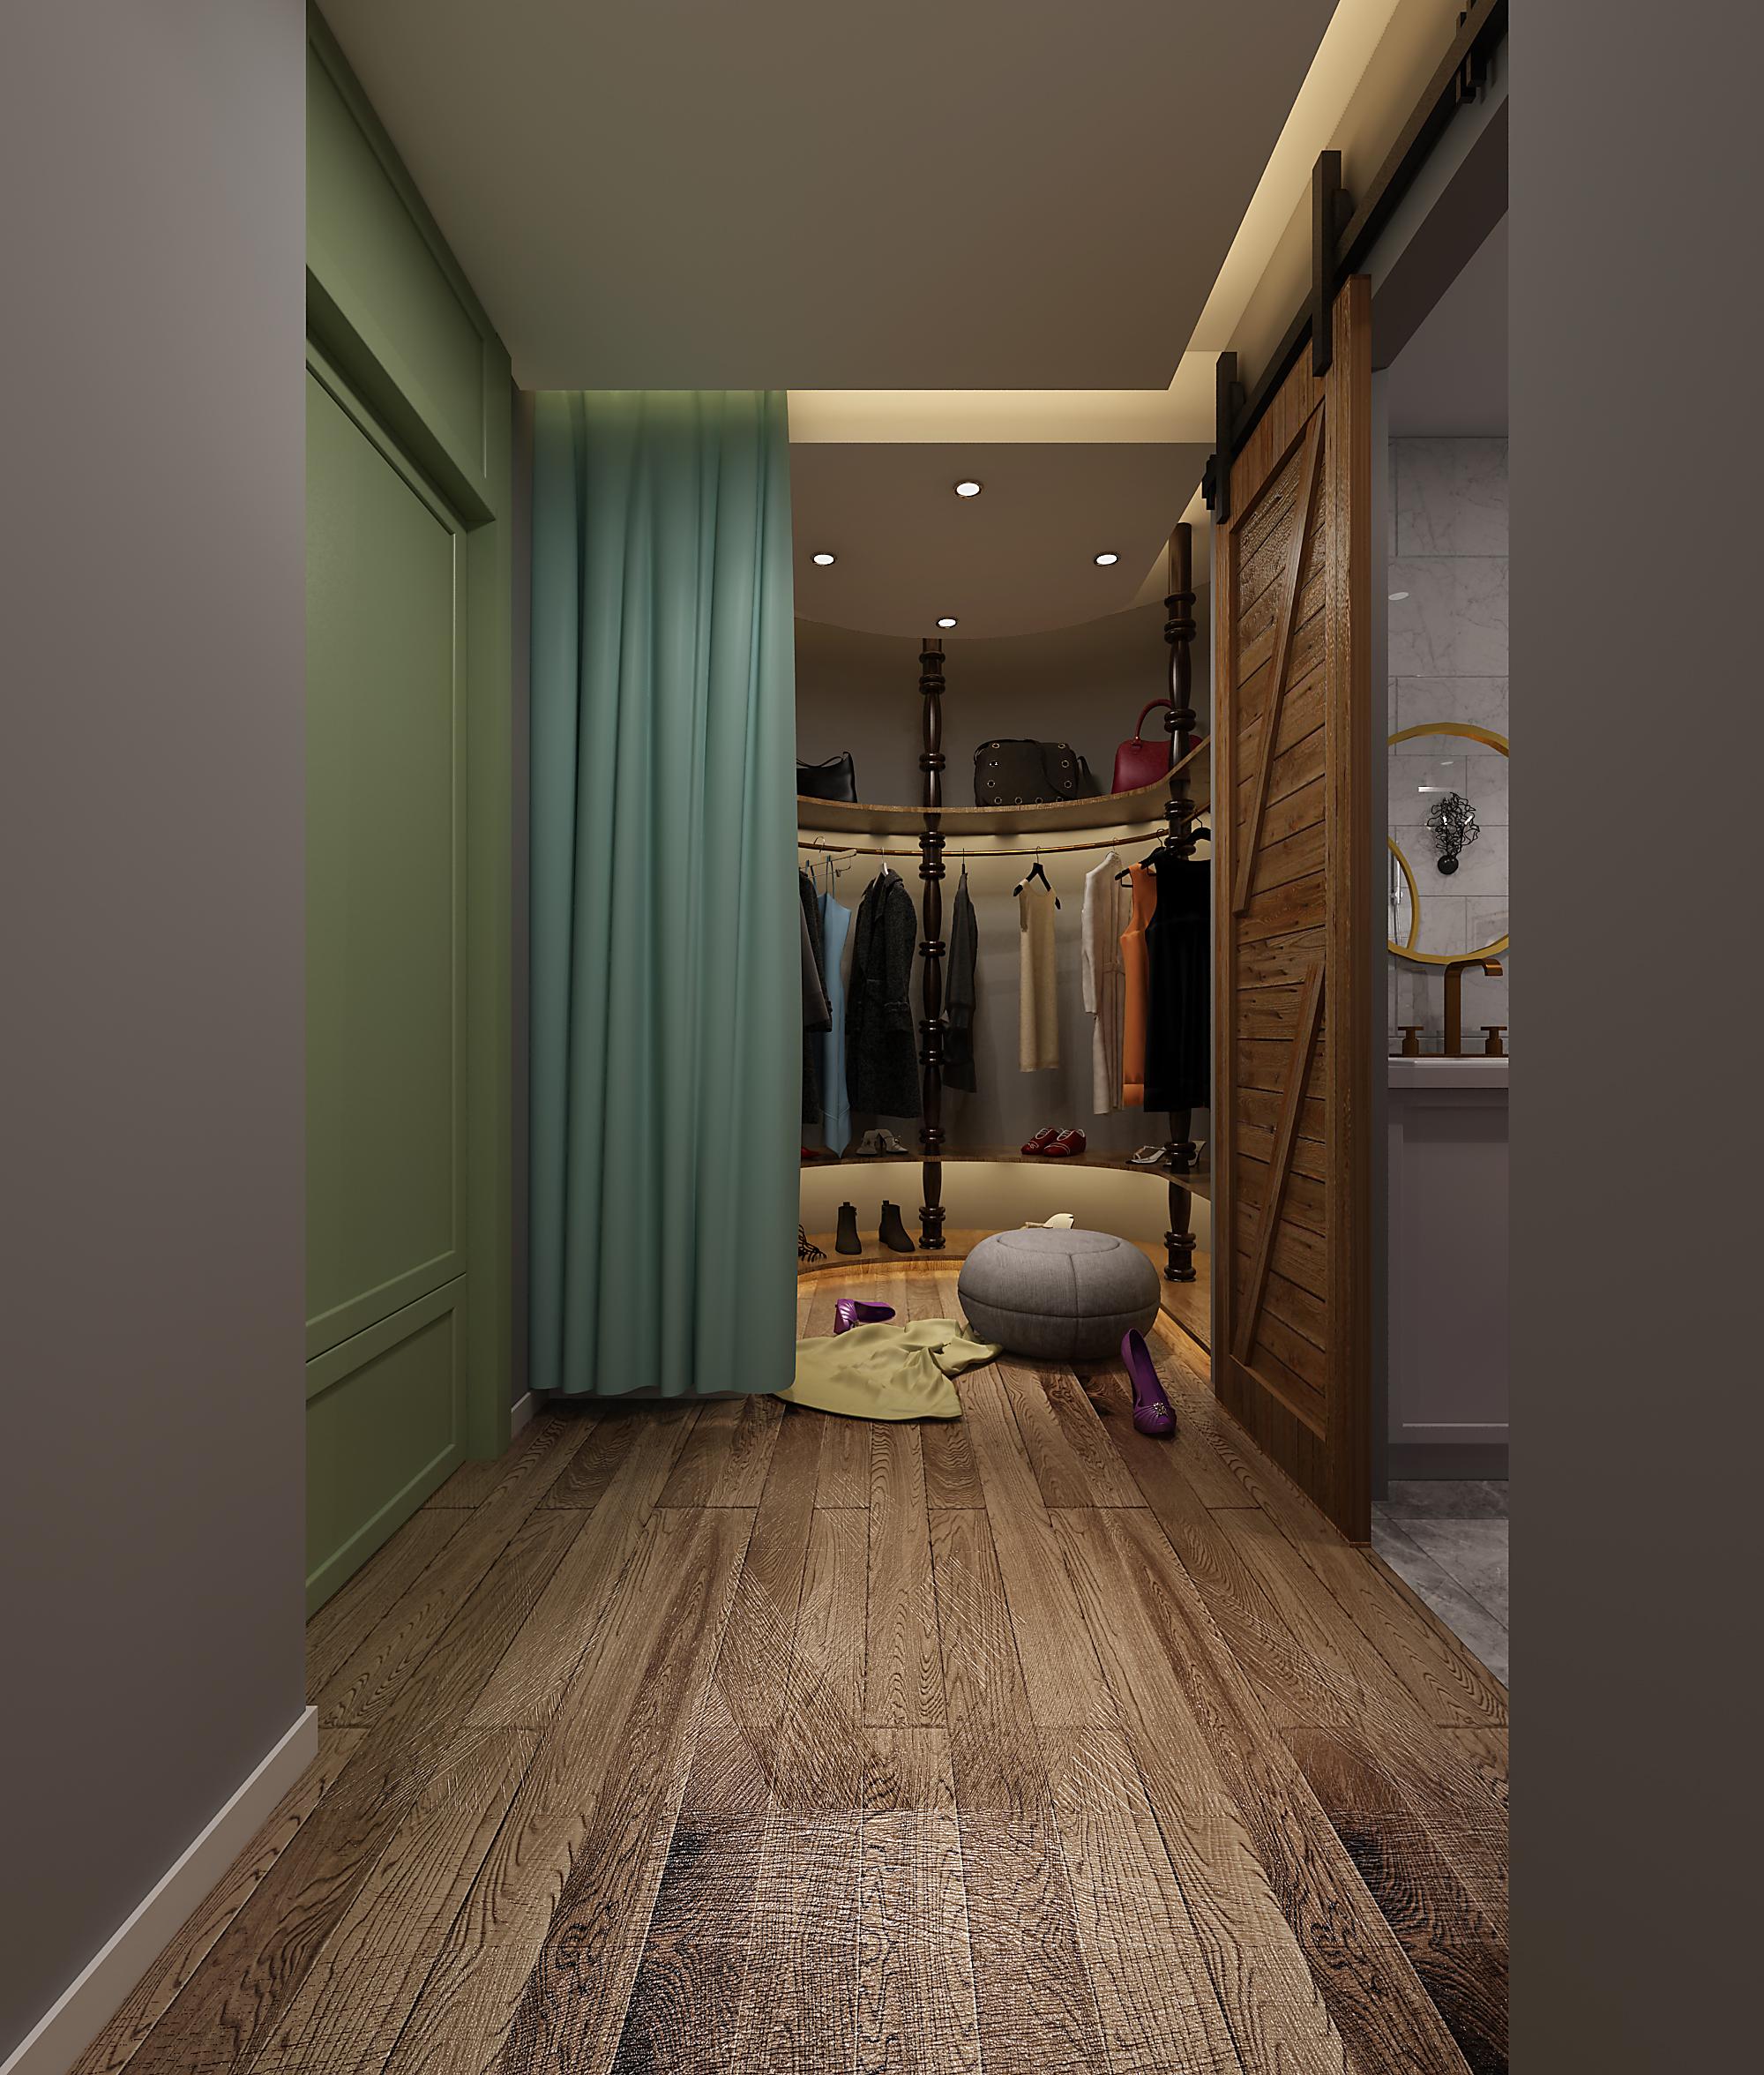 欧式简约风格简洁卧室小衣帽间设计_齐家网装修效果图